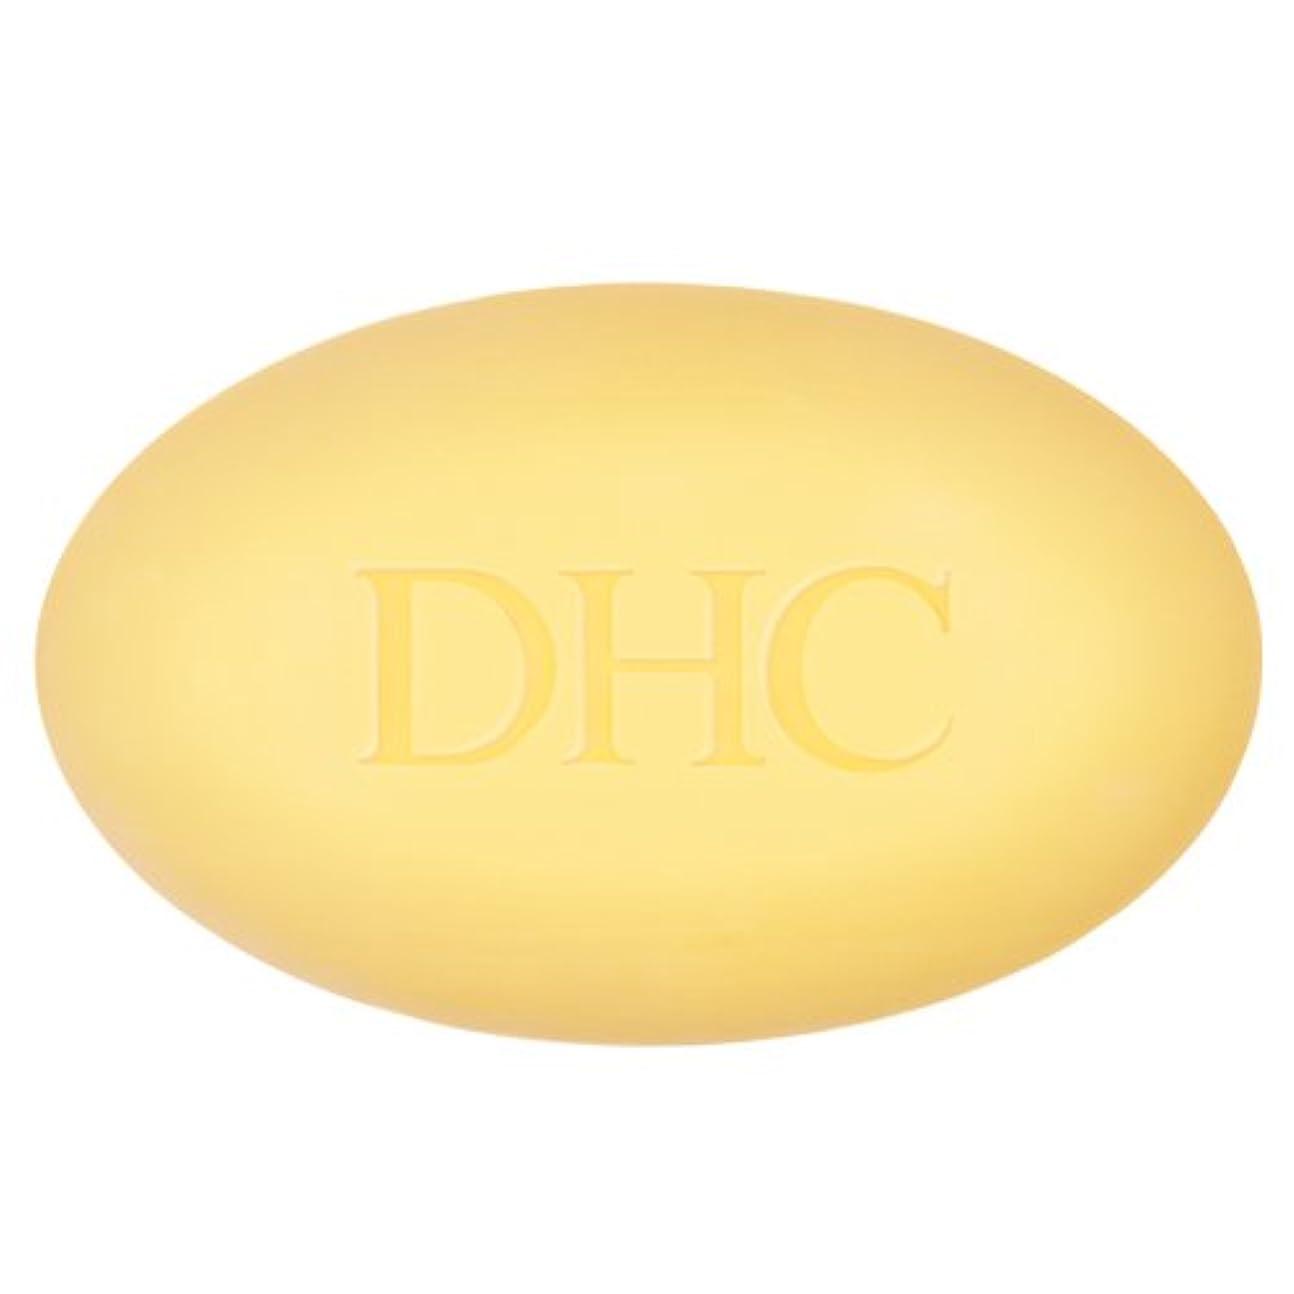 ゼリーショット重要な役割を果たす、中心的な手段となるDHC Q10ボディソープ